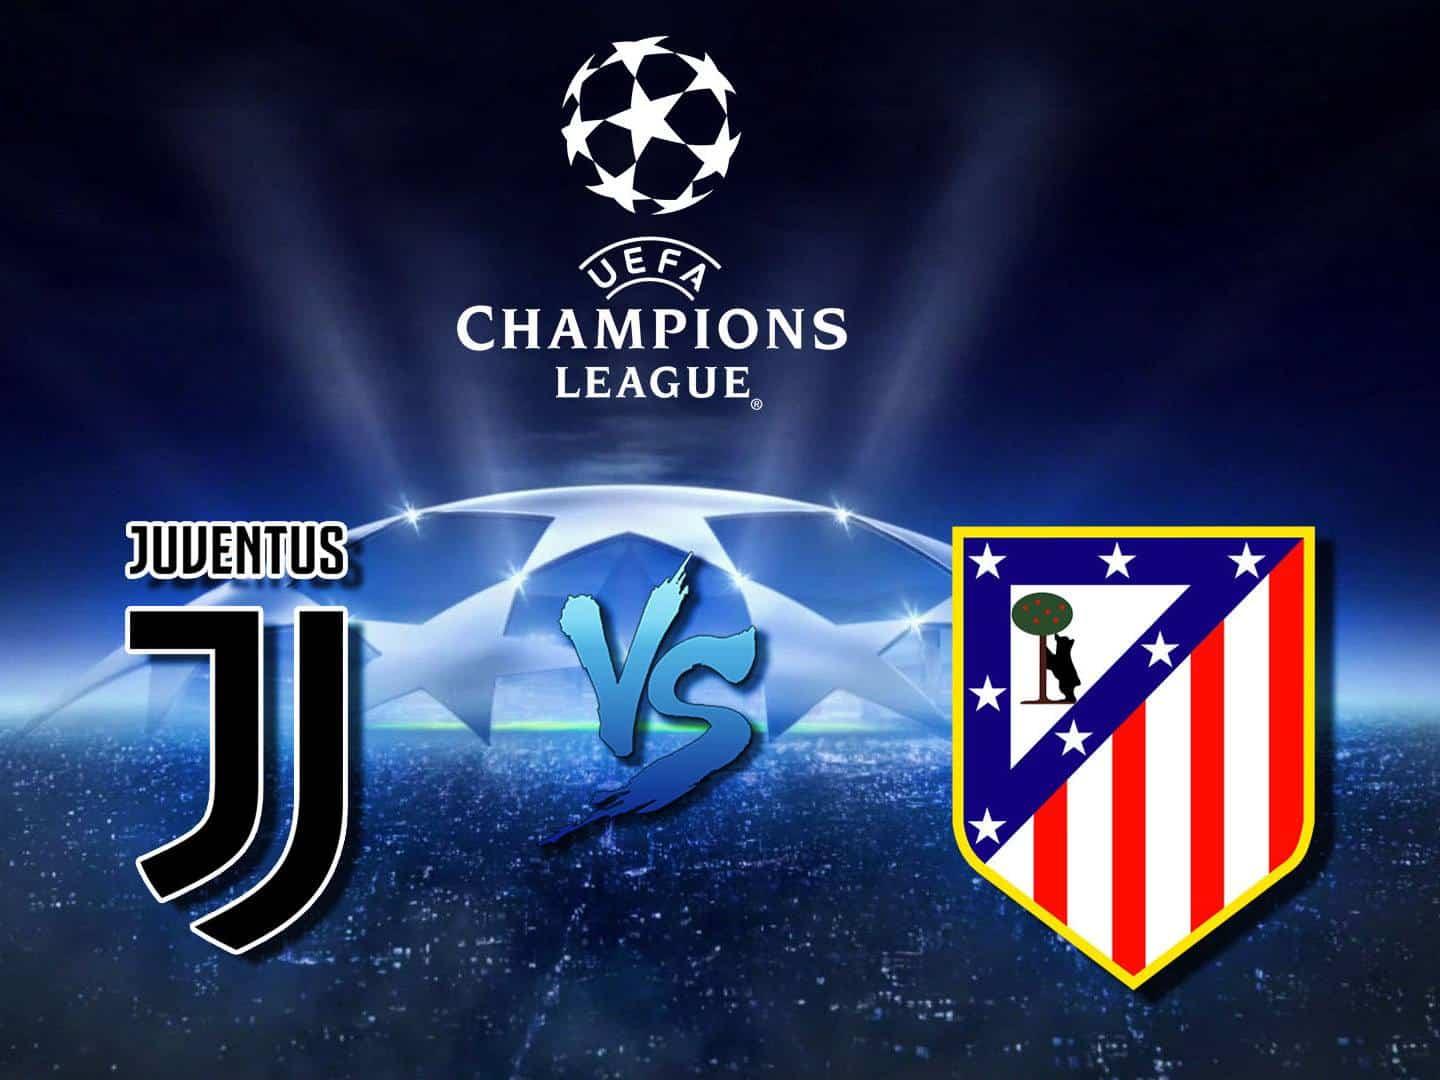 Ювентус Атлетико Мадрид Лига Чемпионов Сезон 19/20 в 11:00 на канале